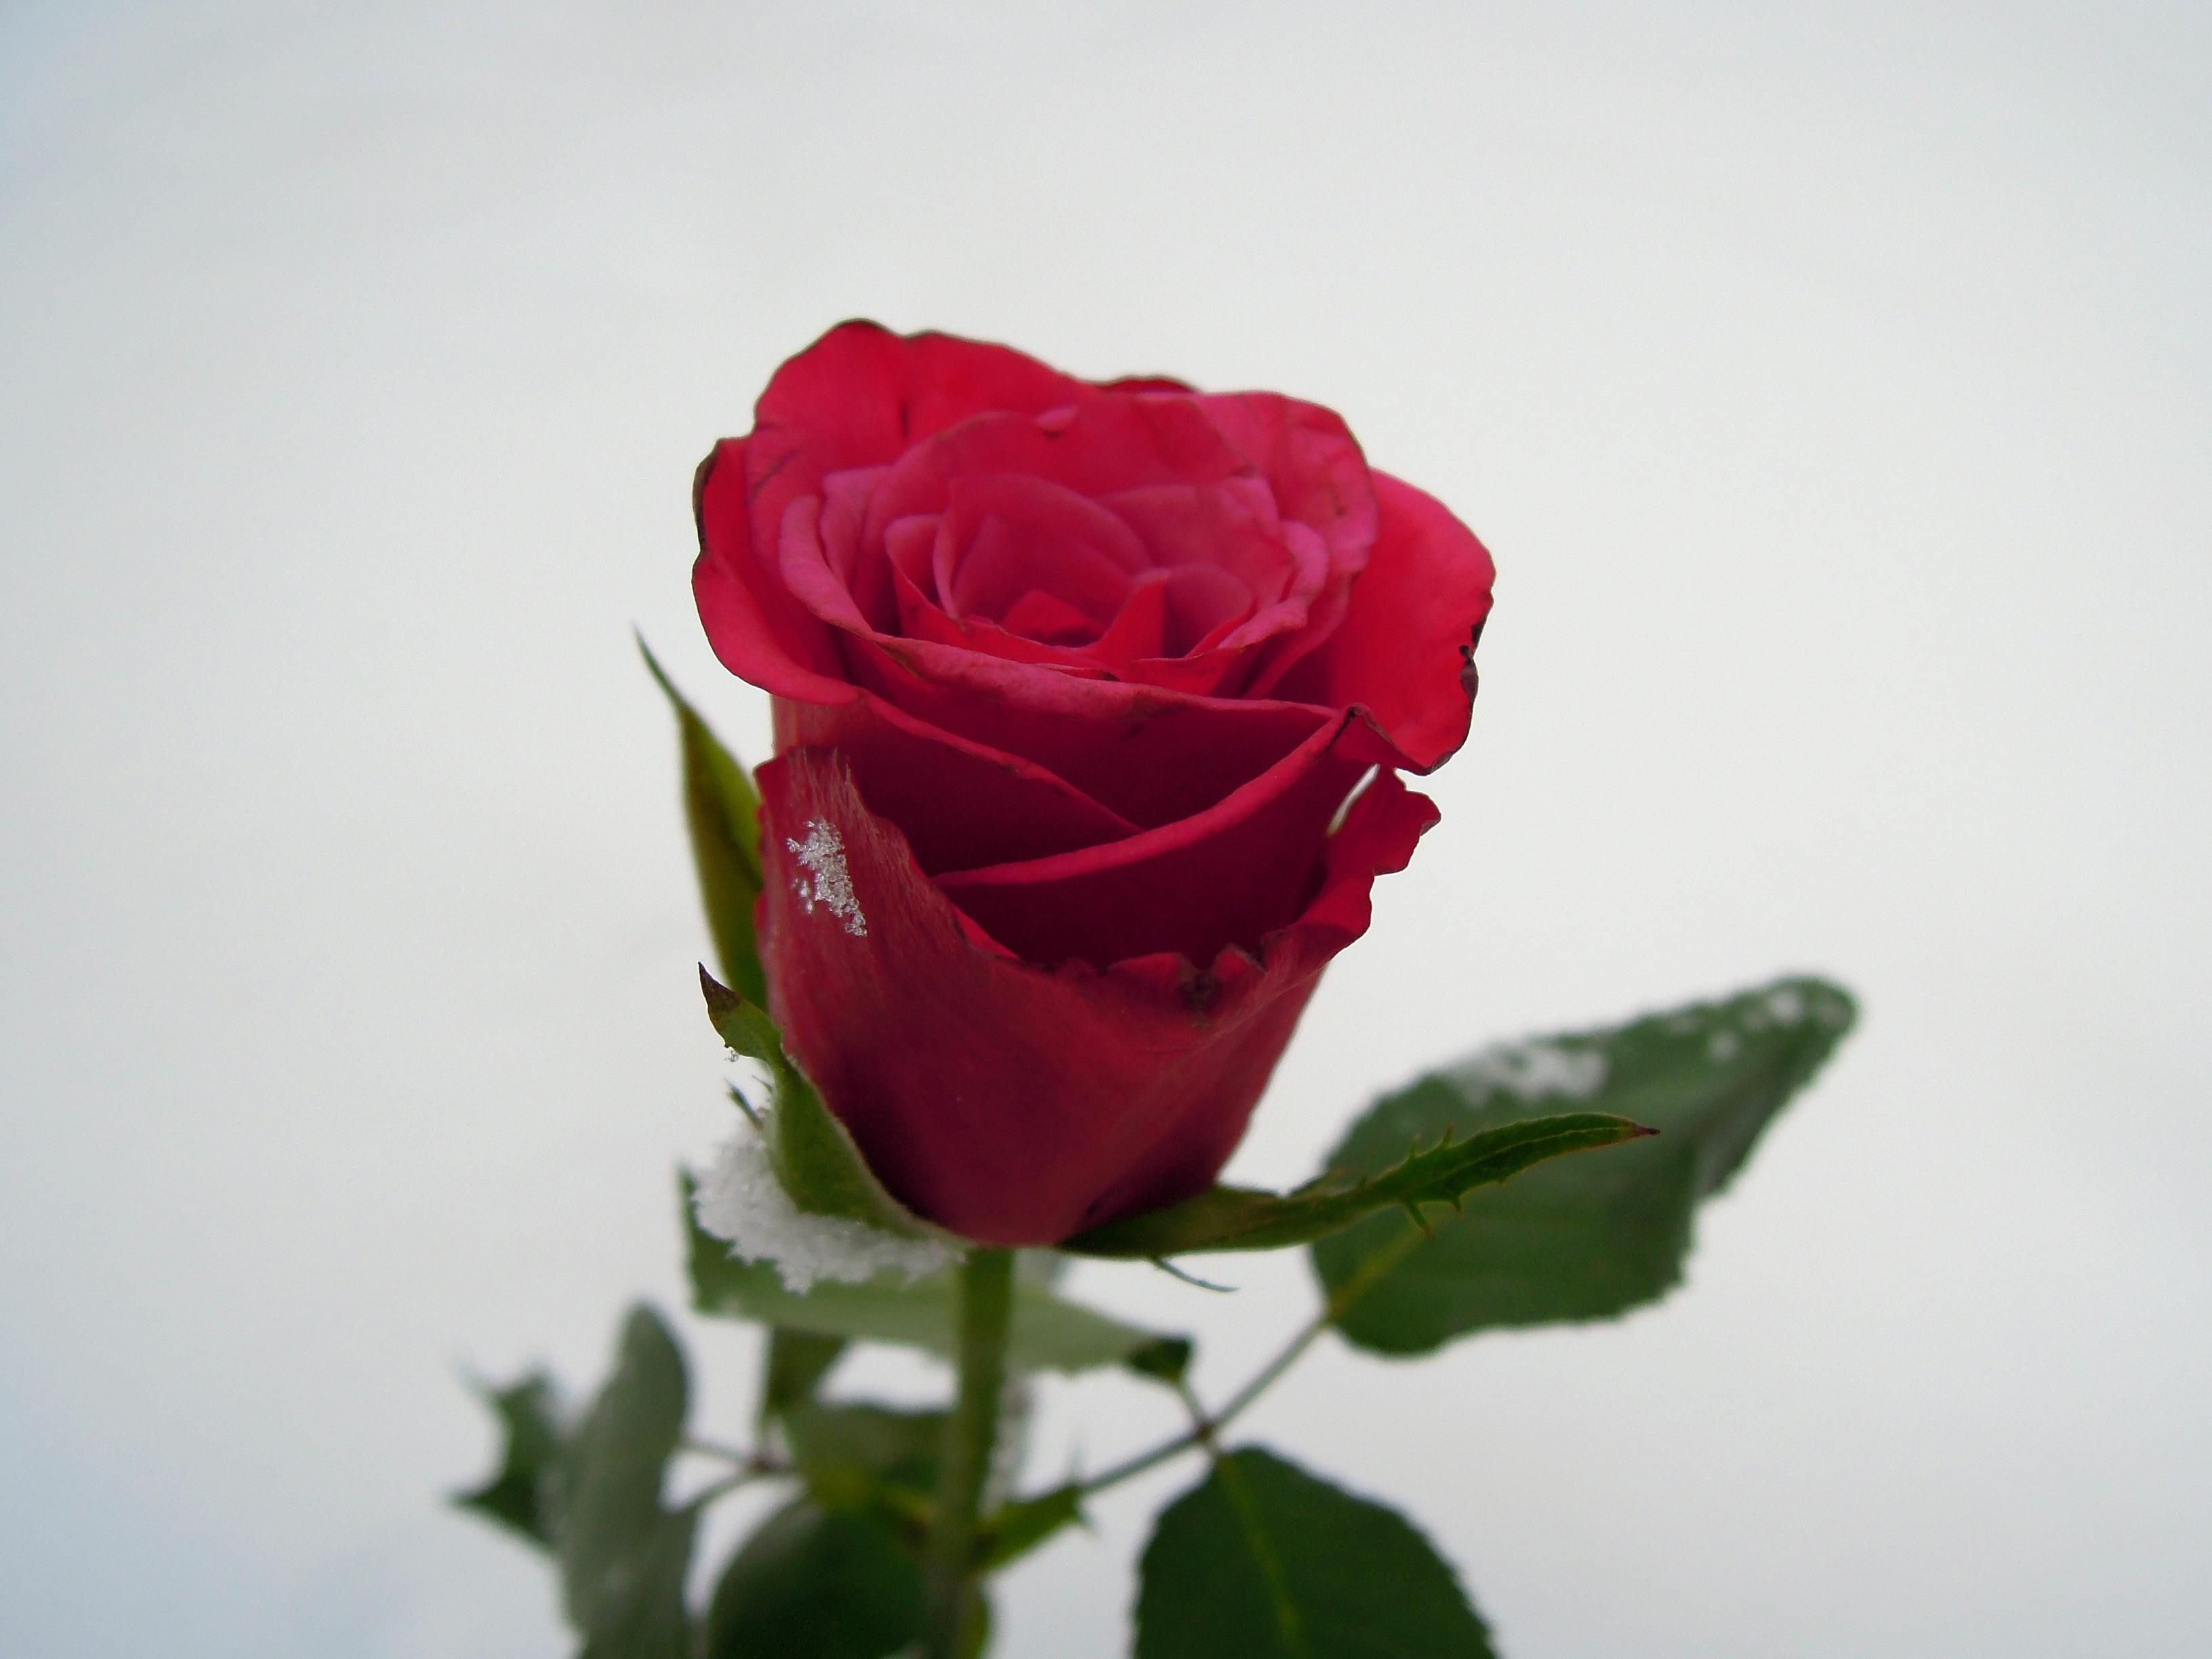 данной открытка одна крупная роза этой фотографии